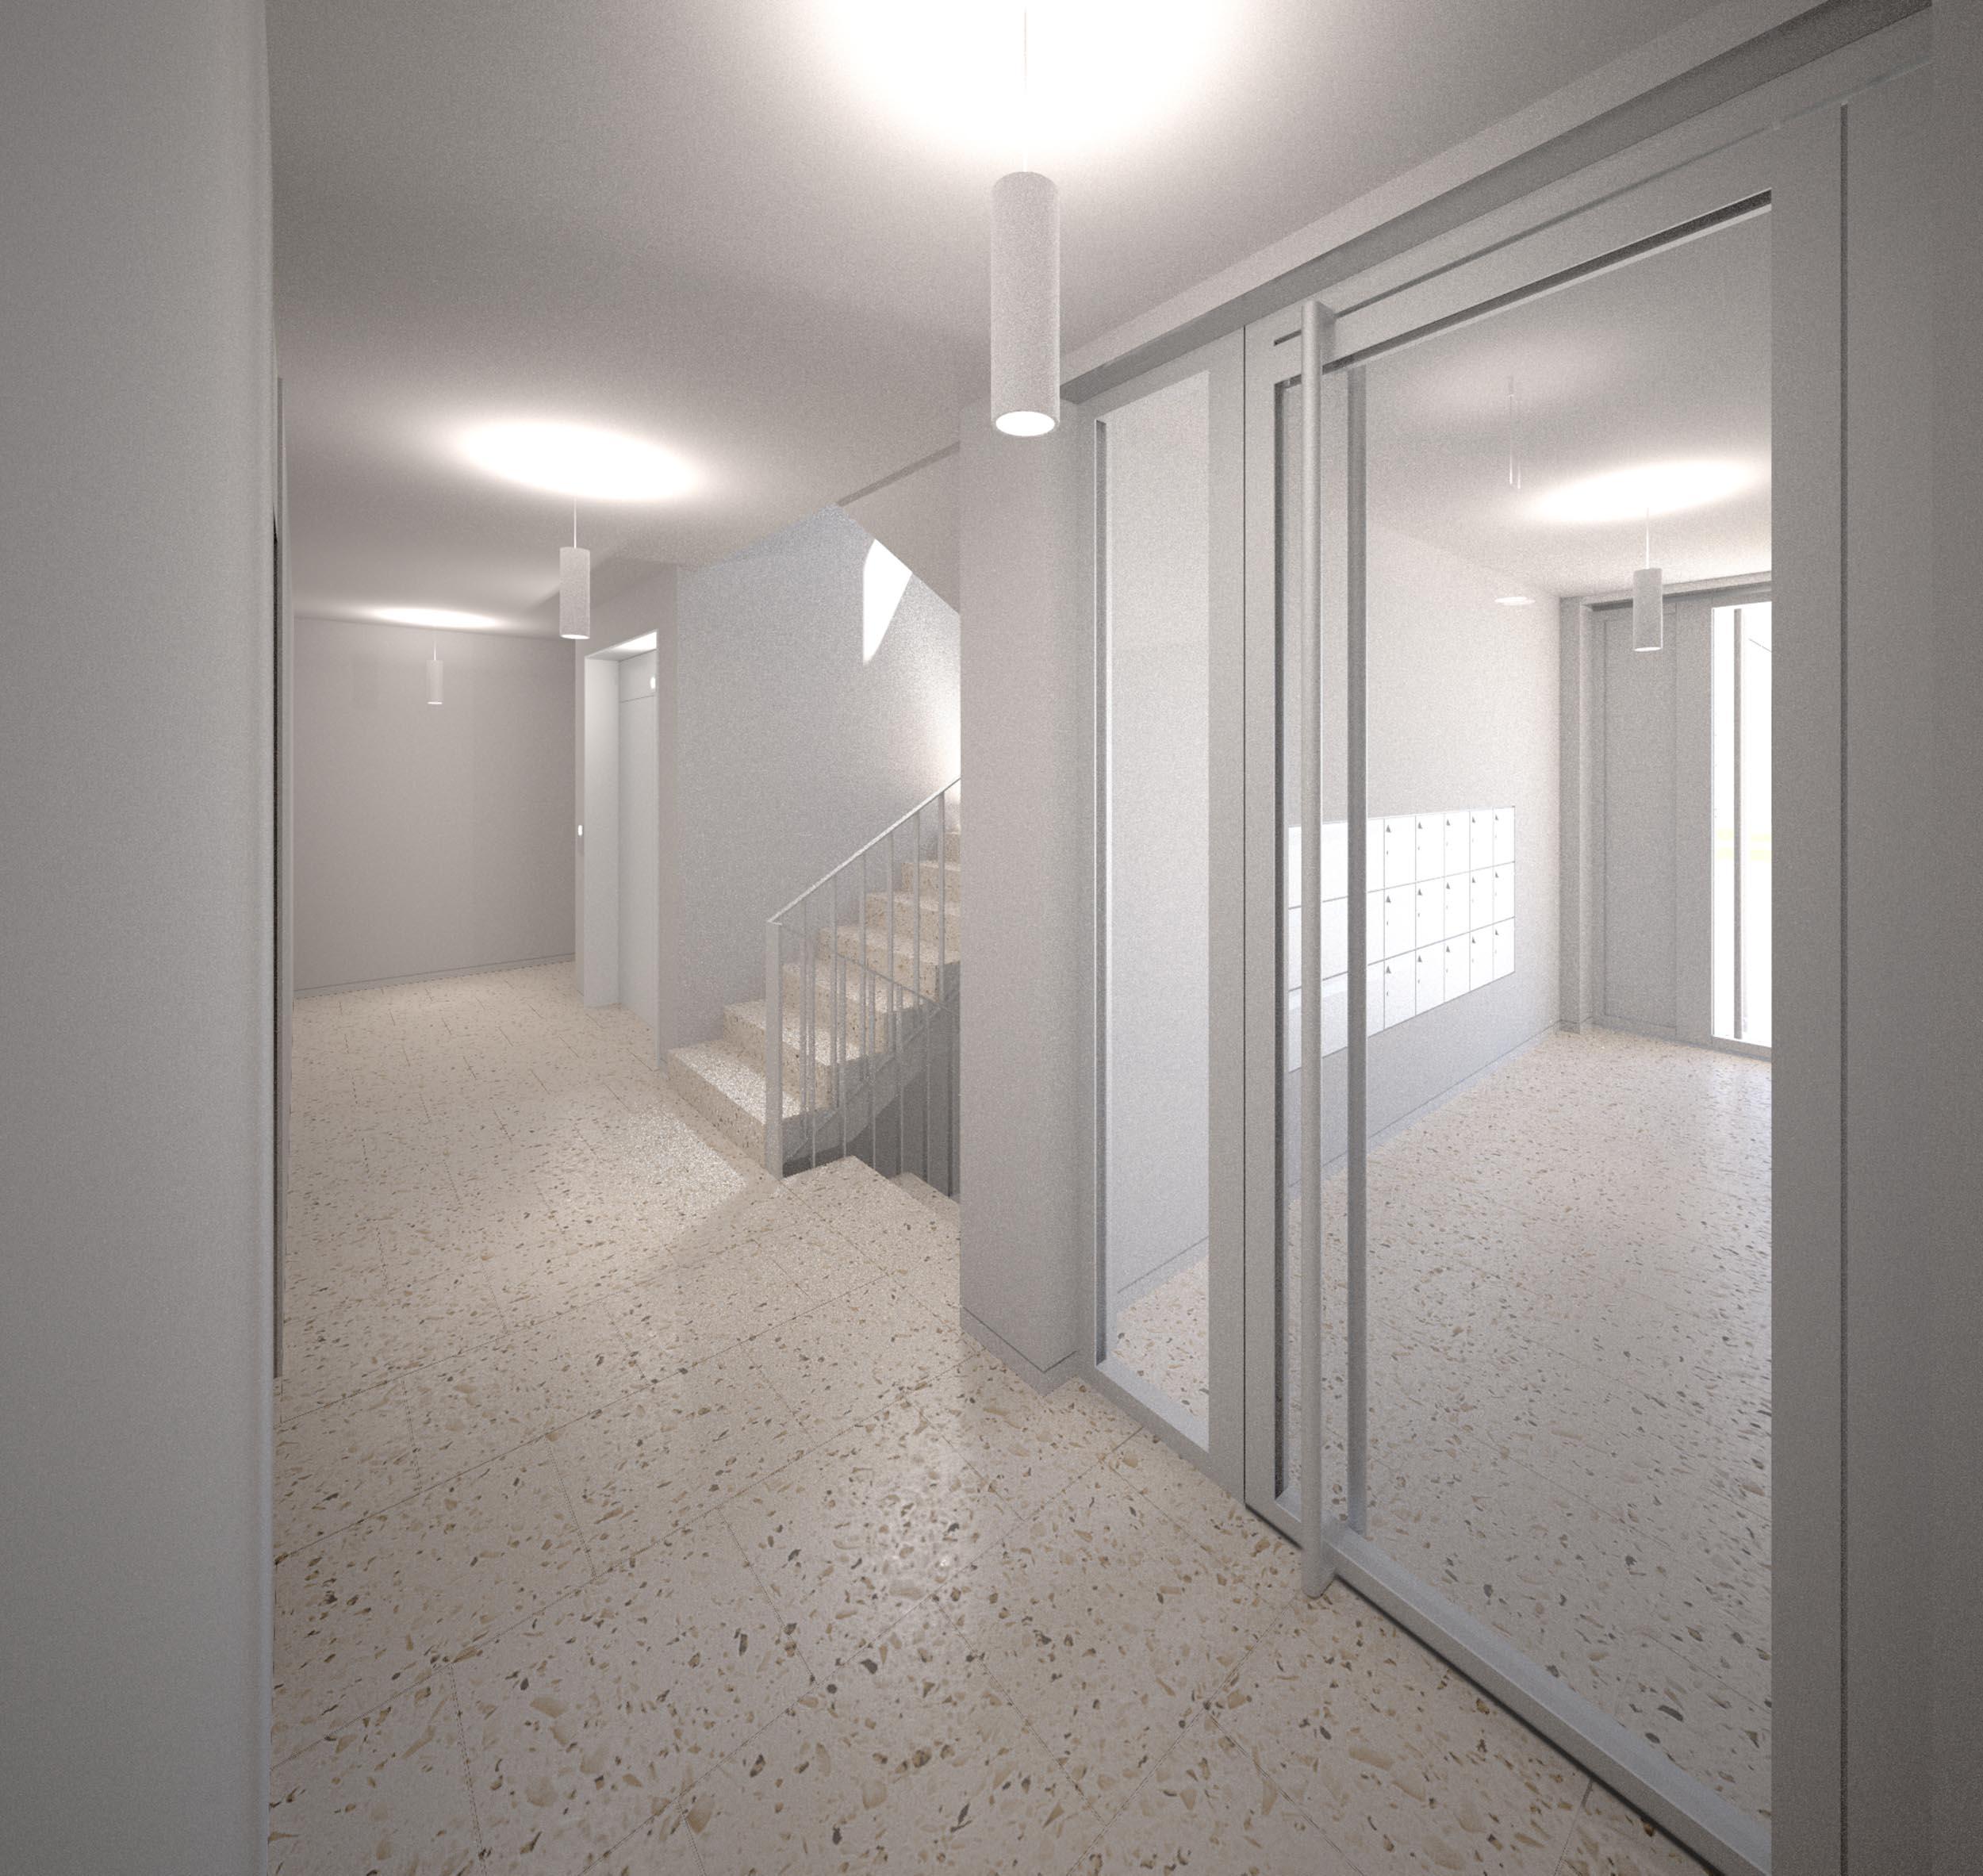 Visualisierungen - machen unsere Architekten in-House und begleiten unseren ganzen Entwurfsprozess - jede Entscheidungsvorlage basiert darauf.